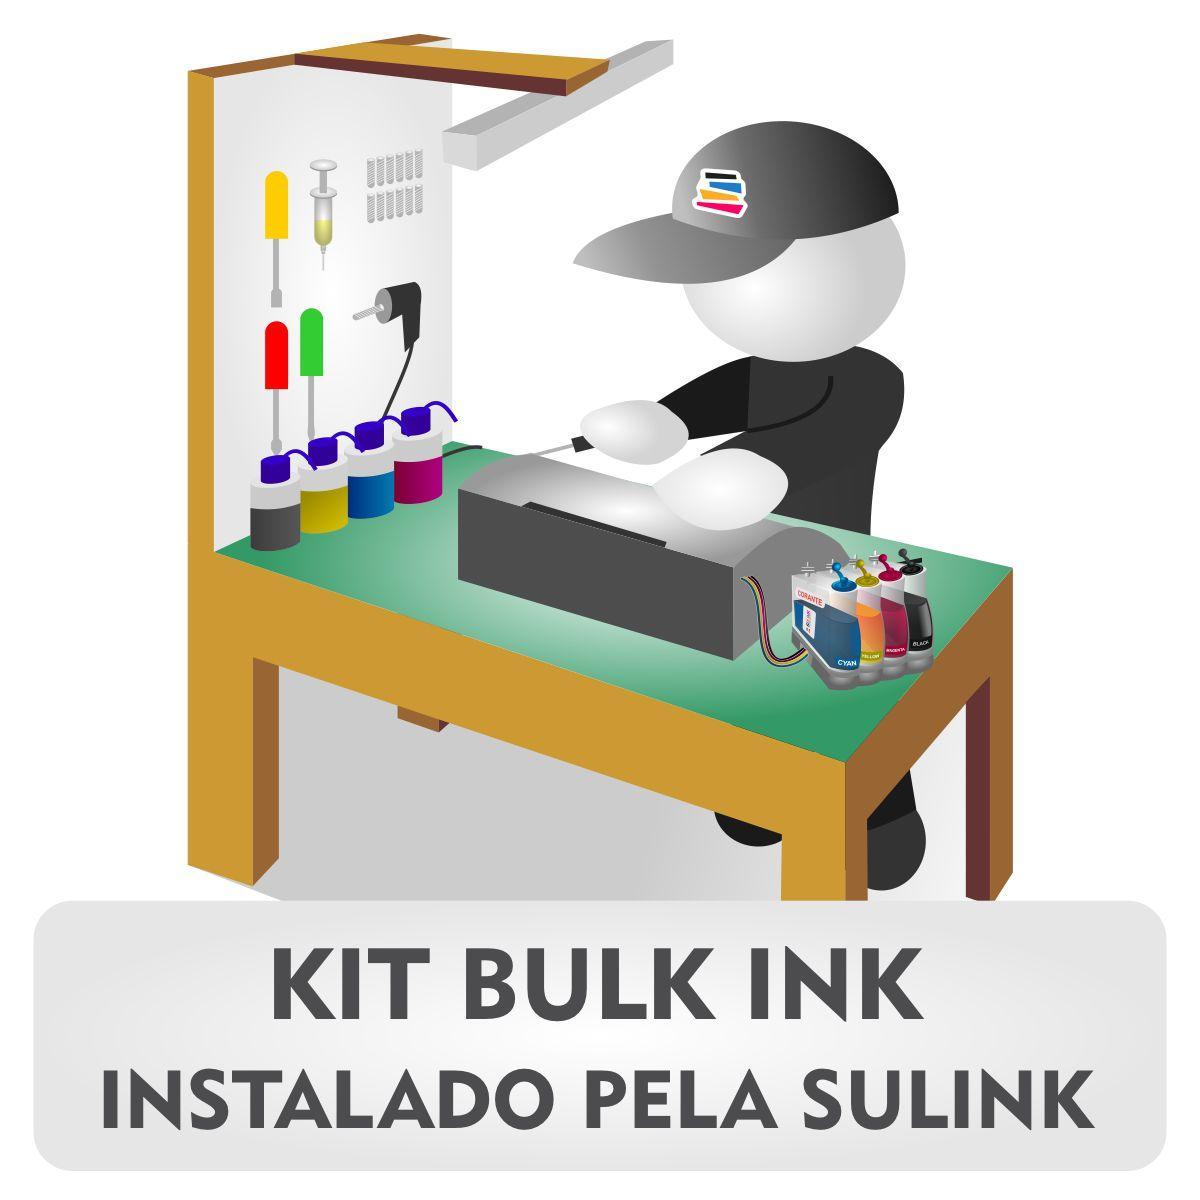 INSTALADO - BULK INK PARA HP 9010 - COM TINTA PIGMENTADA SÉRIE PRO 4 CORES 250ML CADA - SEM CARTUCHO (UTILIZAR CARTUCHO DO CLIENTE)